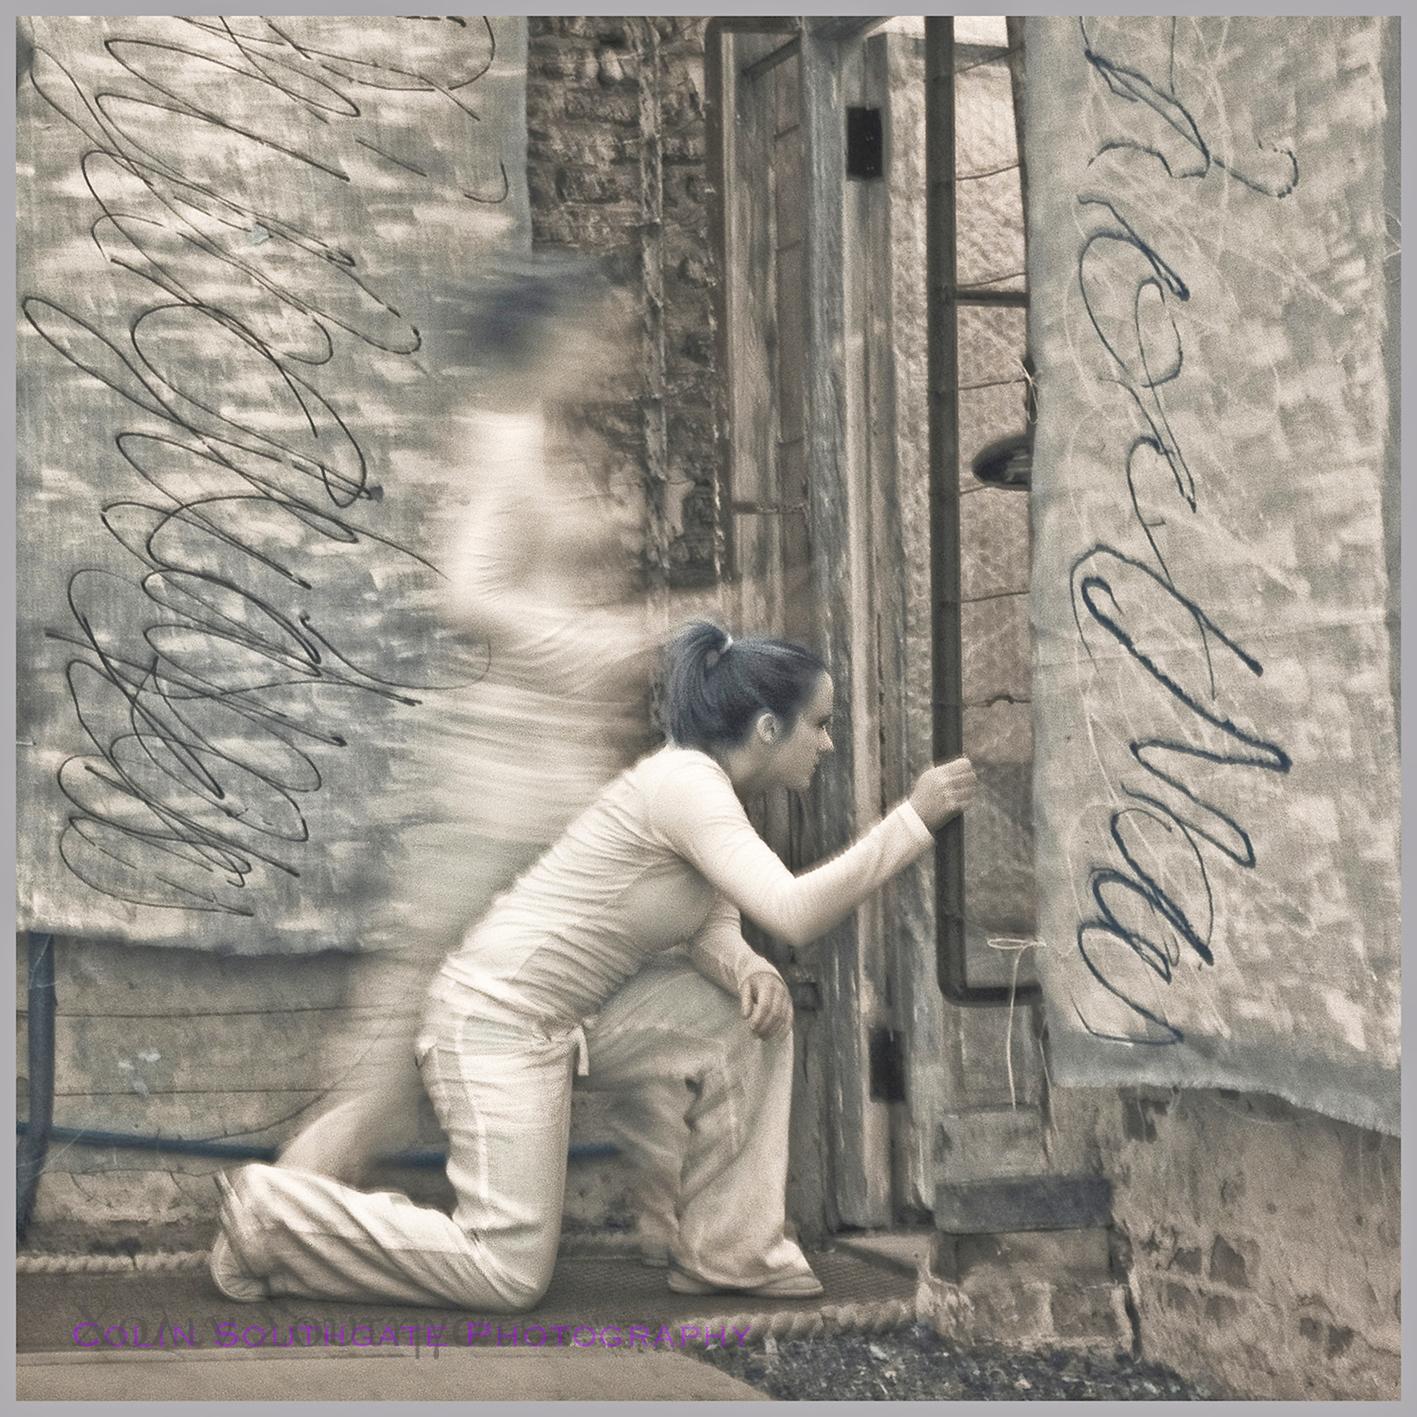 KATE WIGGS LIVE ART - THE ESCAPE